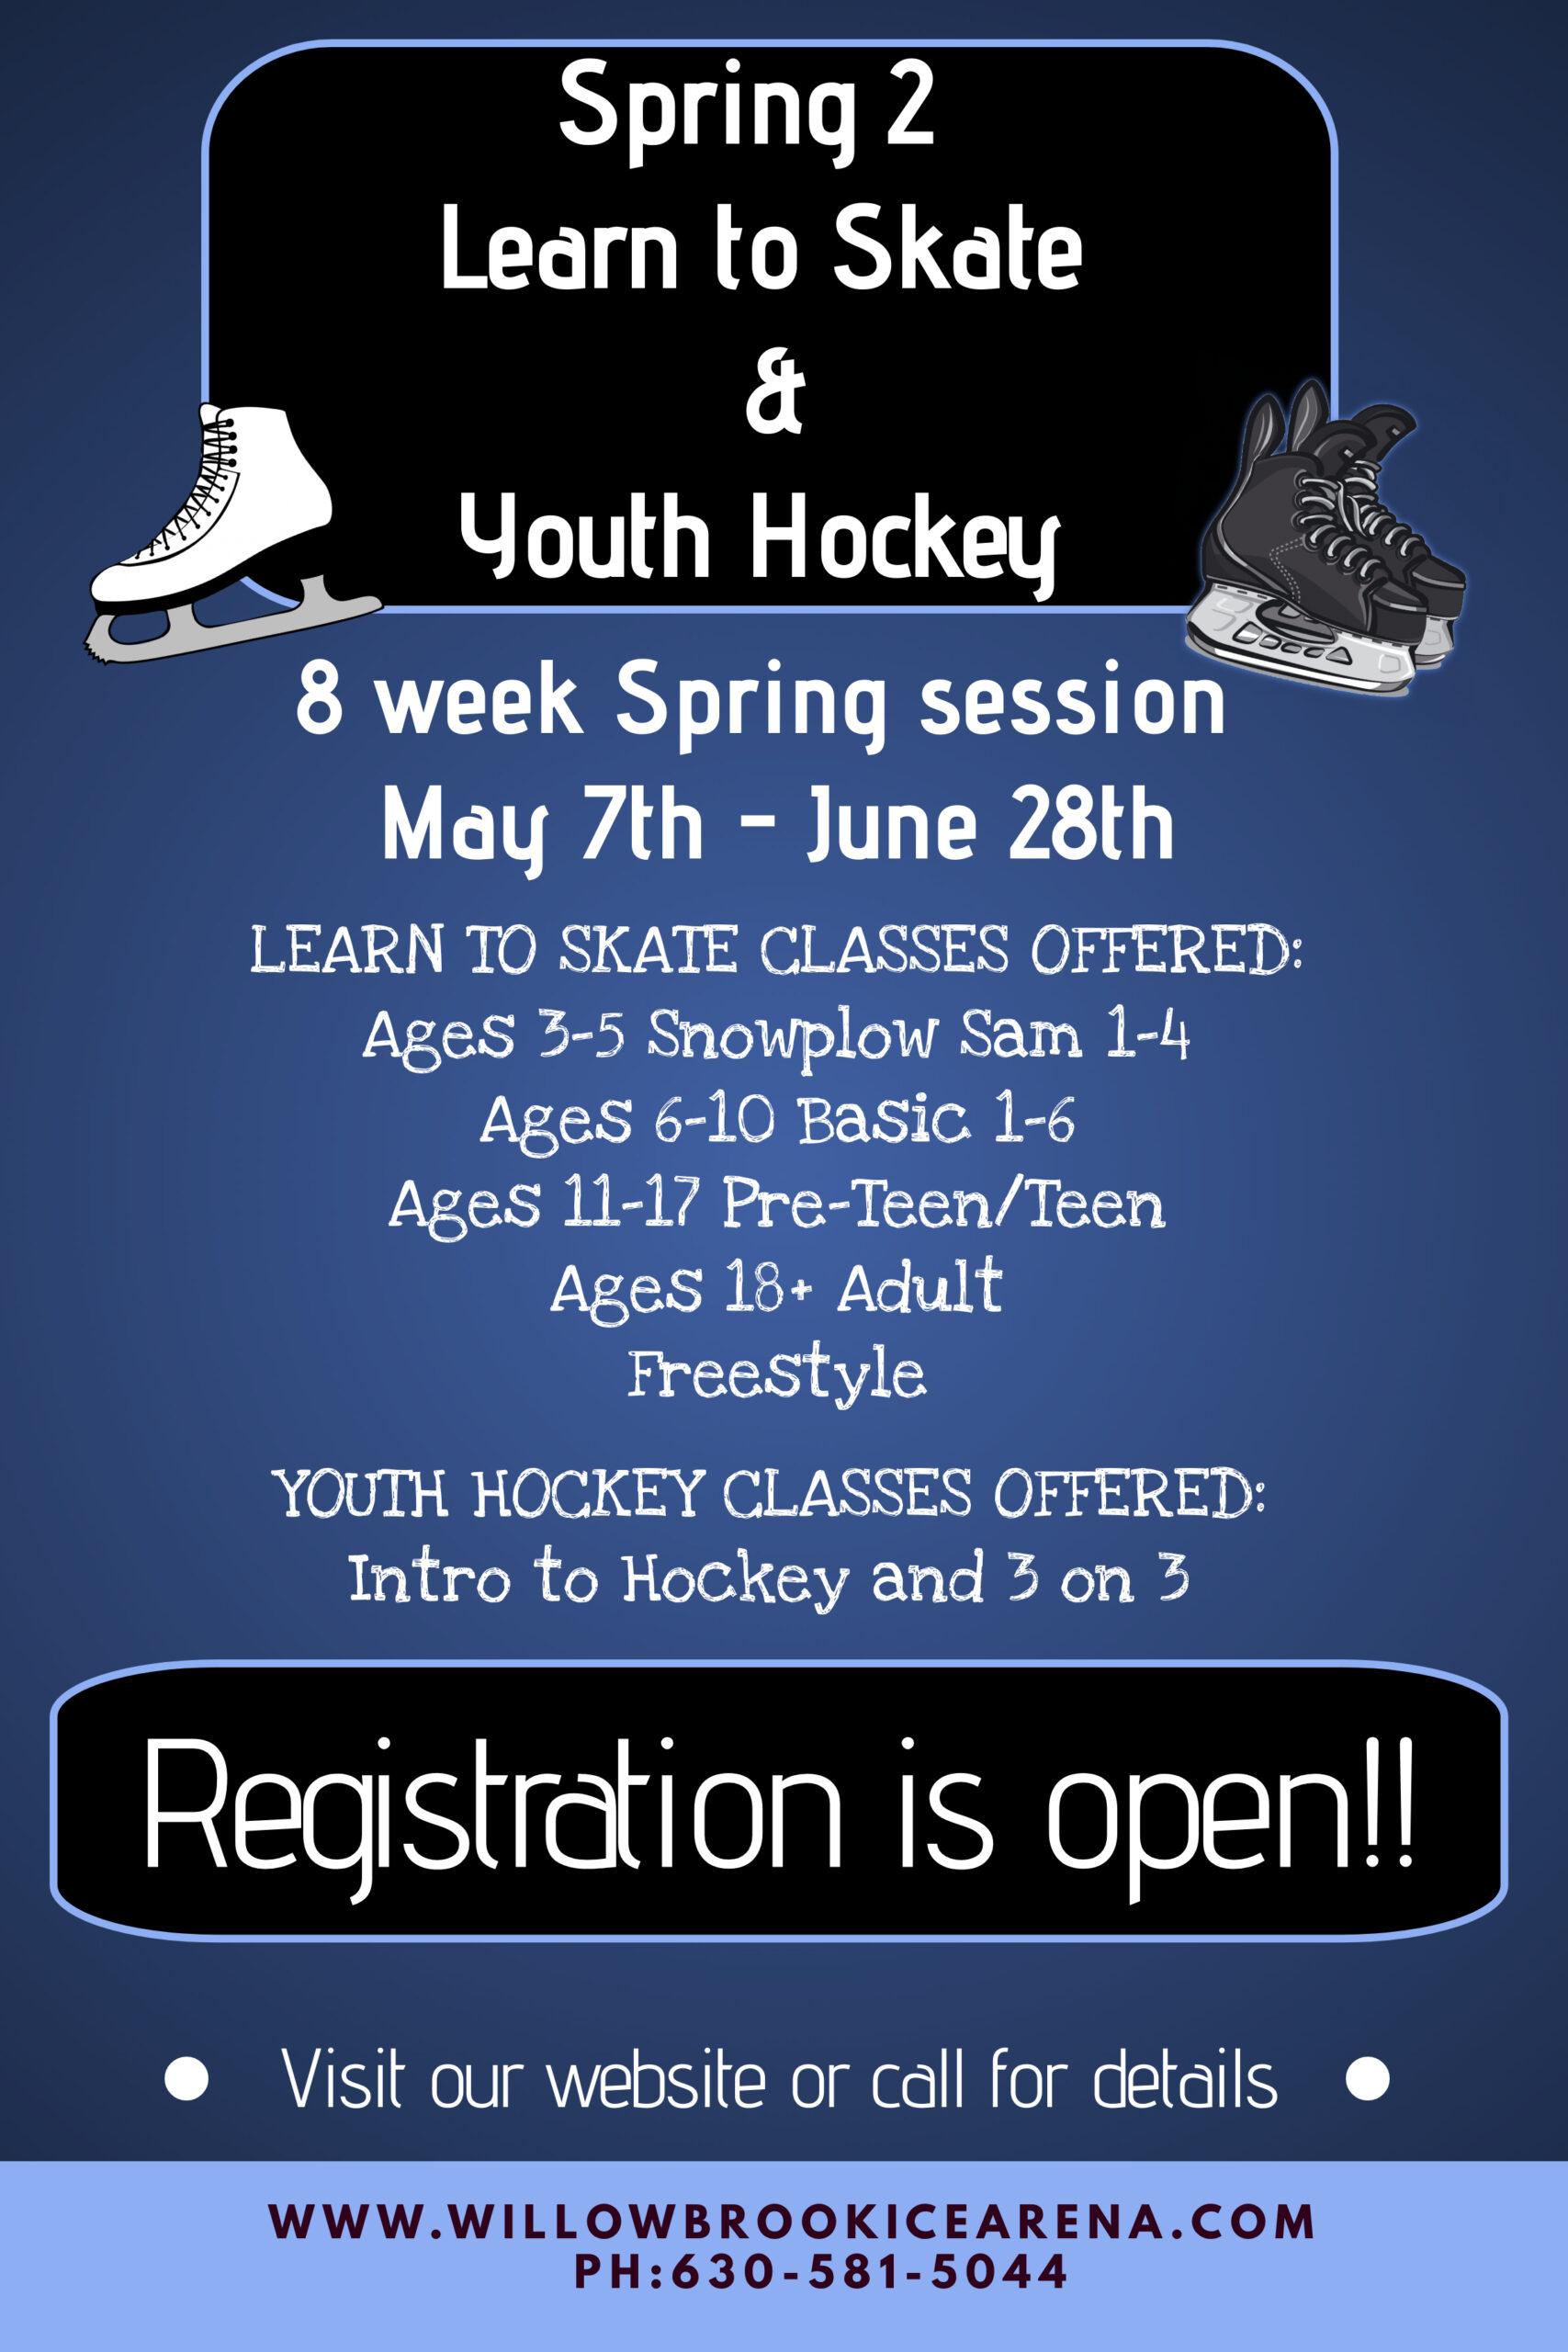 Spring 2 Poster - Registration Open